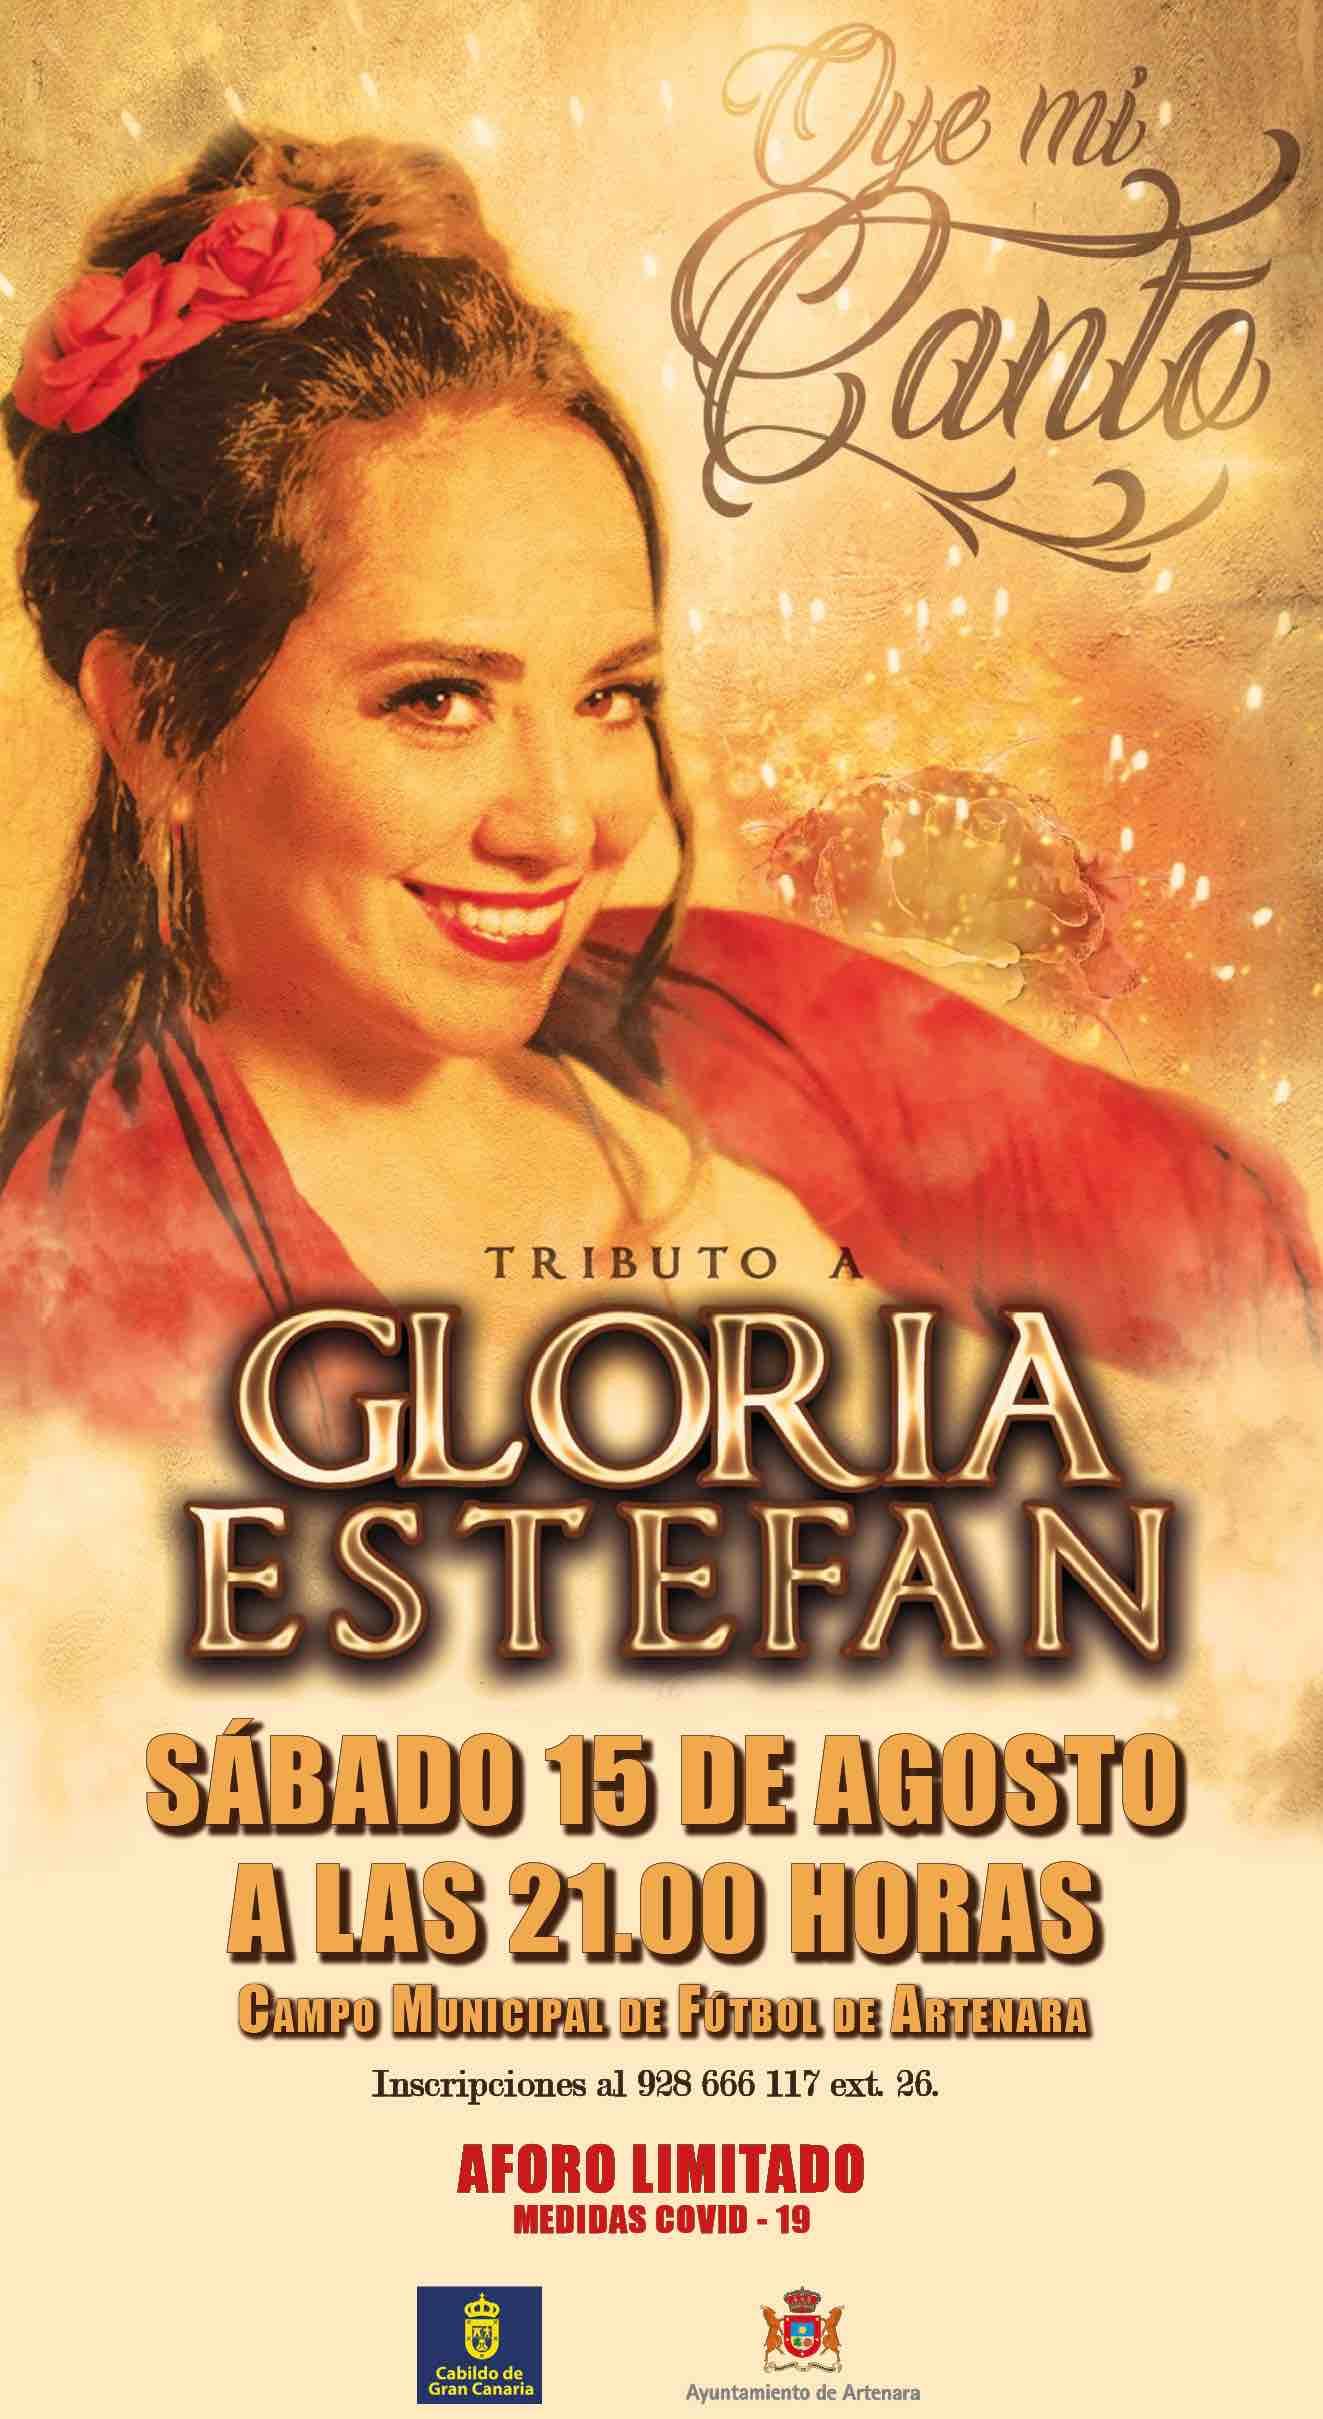 Concierto - Tributo a Gloria Estefan